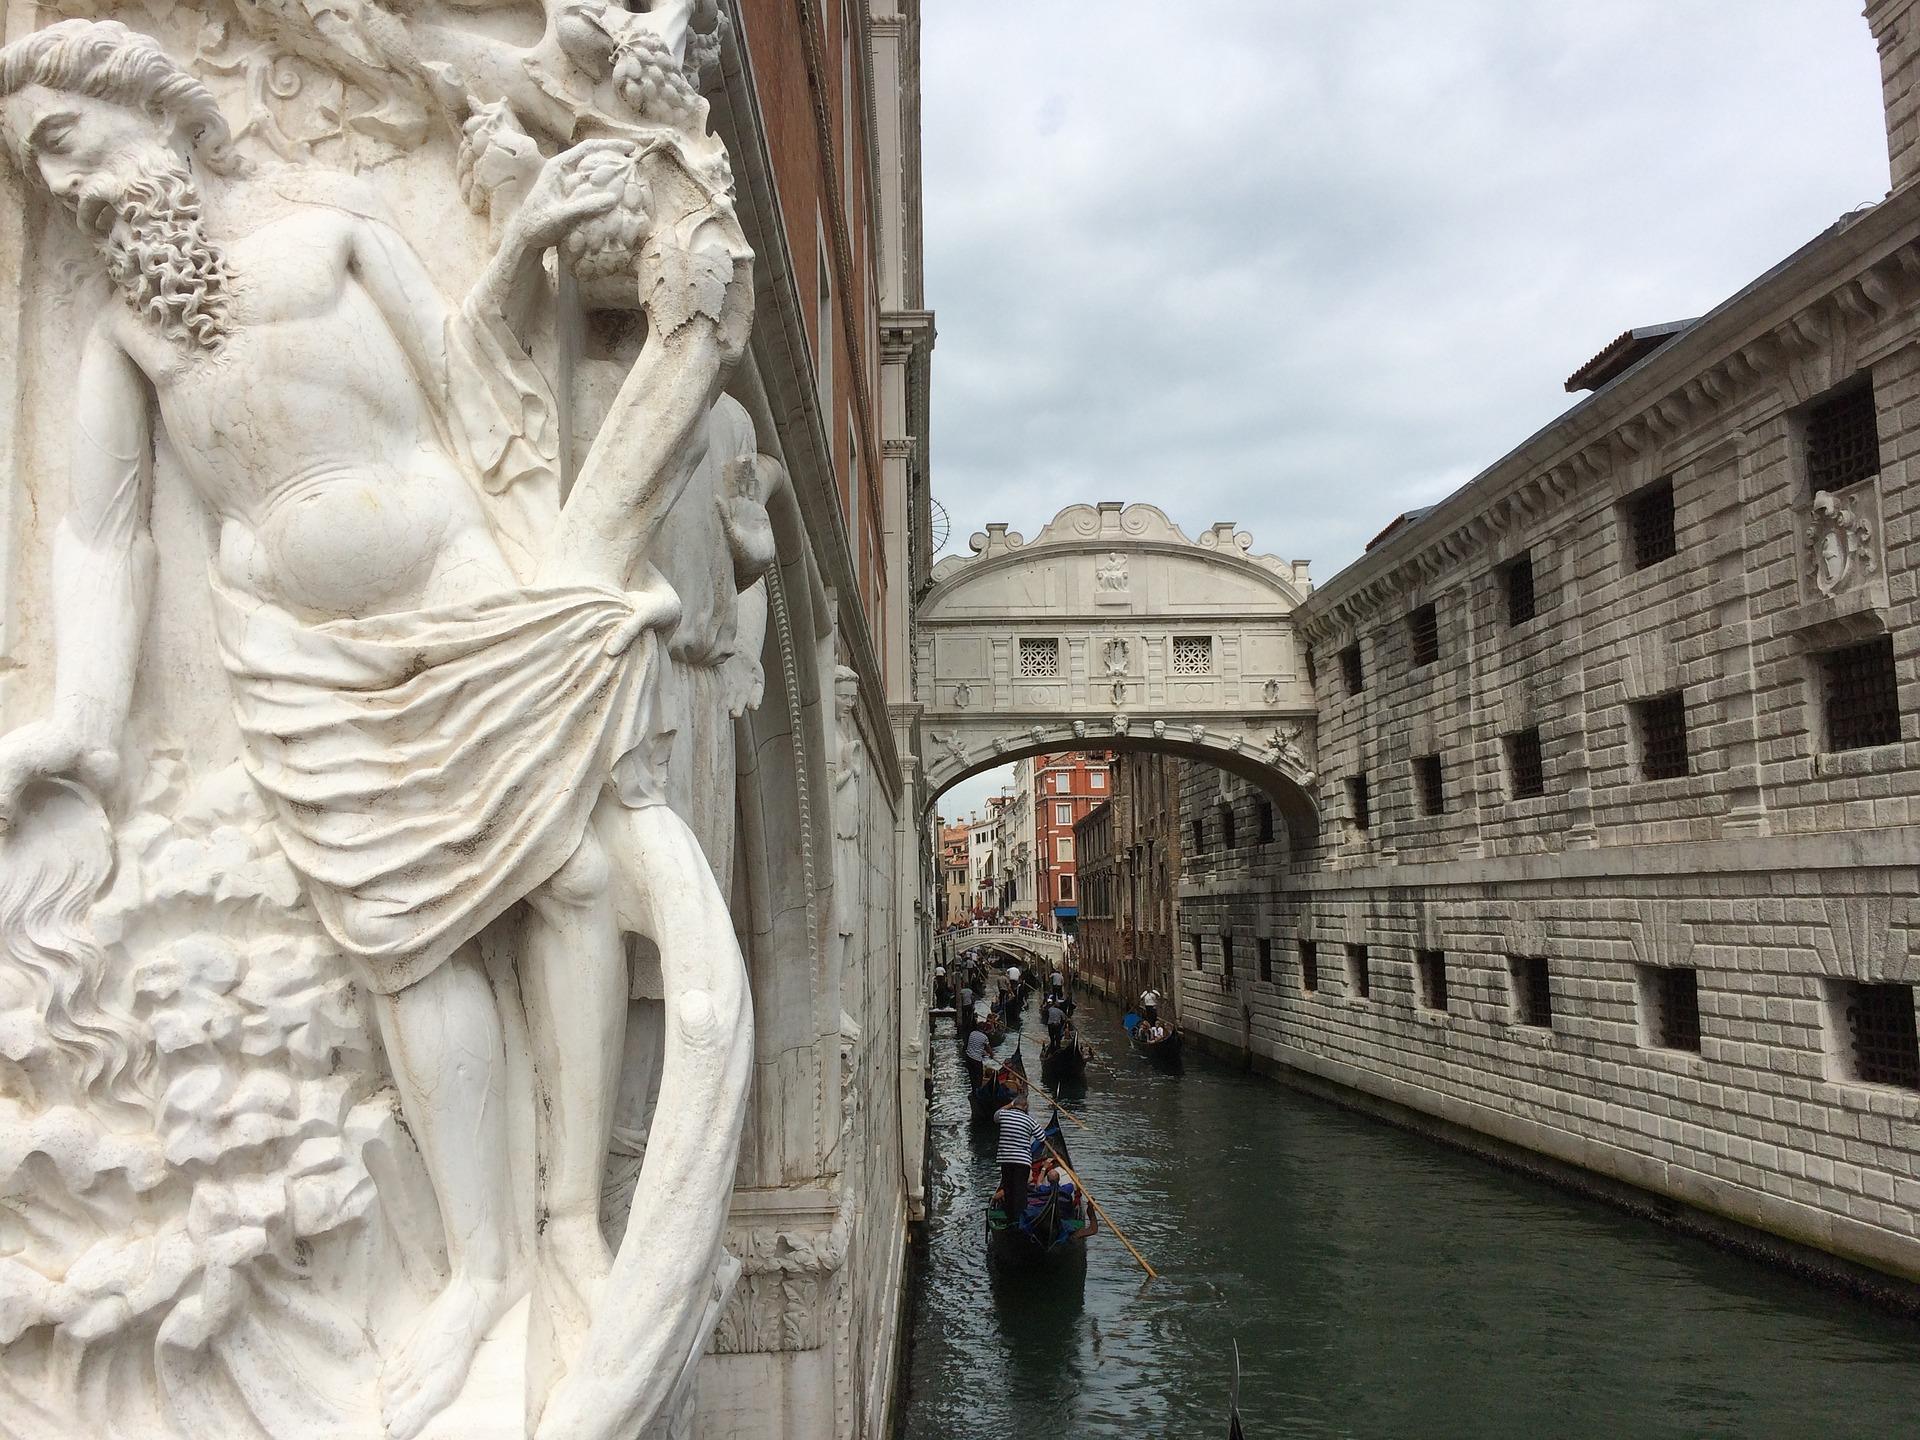 Rejs pod Mostem Westchnień – jedna z romantycznych atrakcji Wenecji